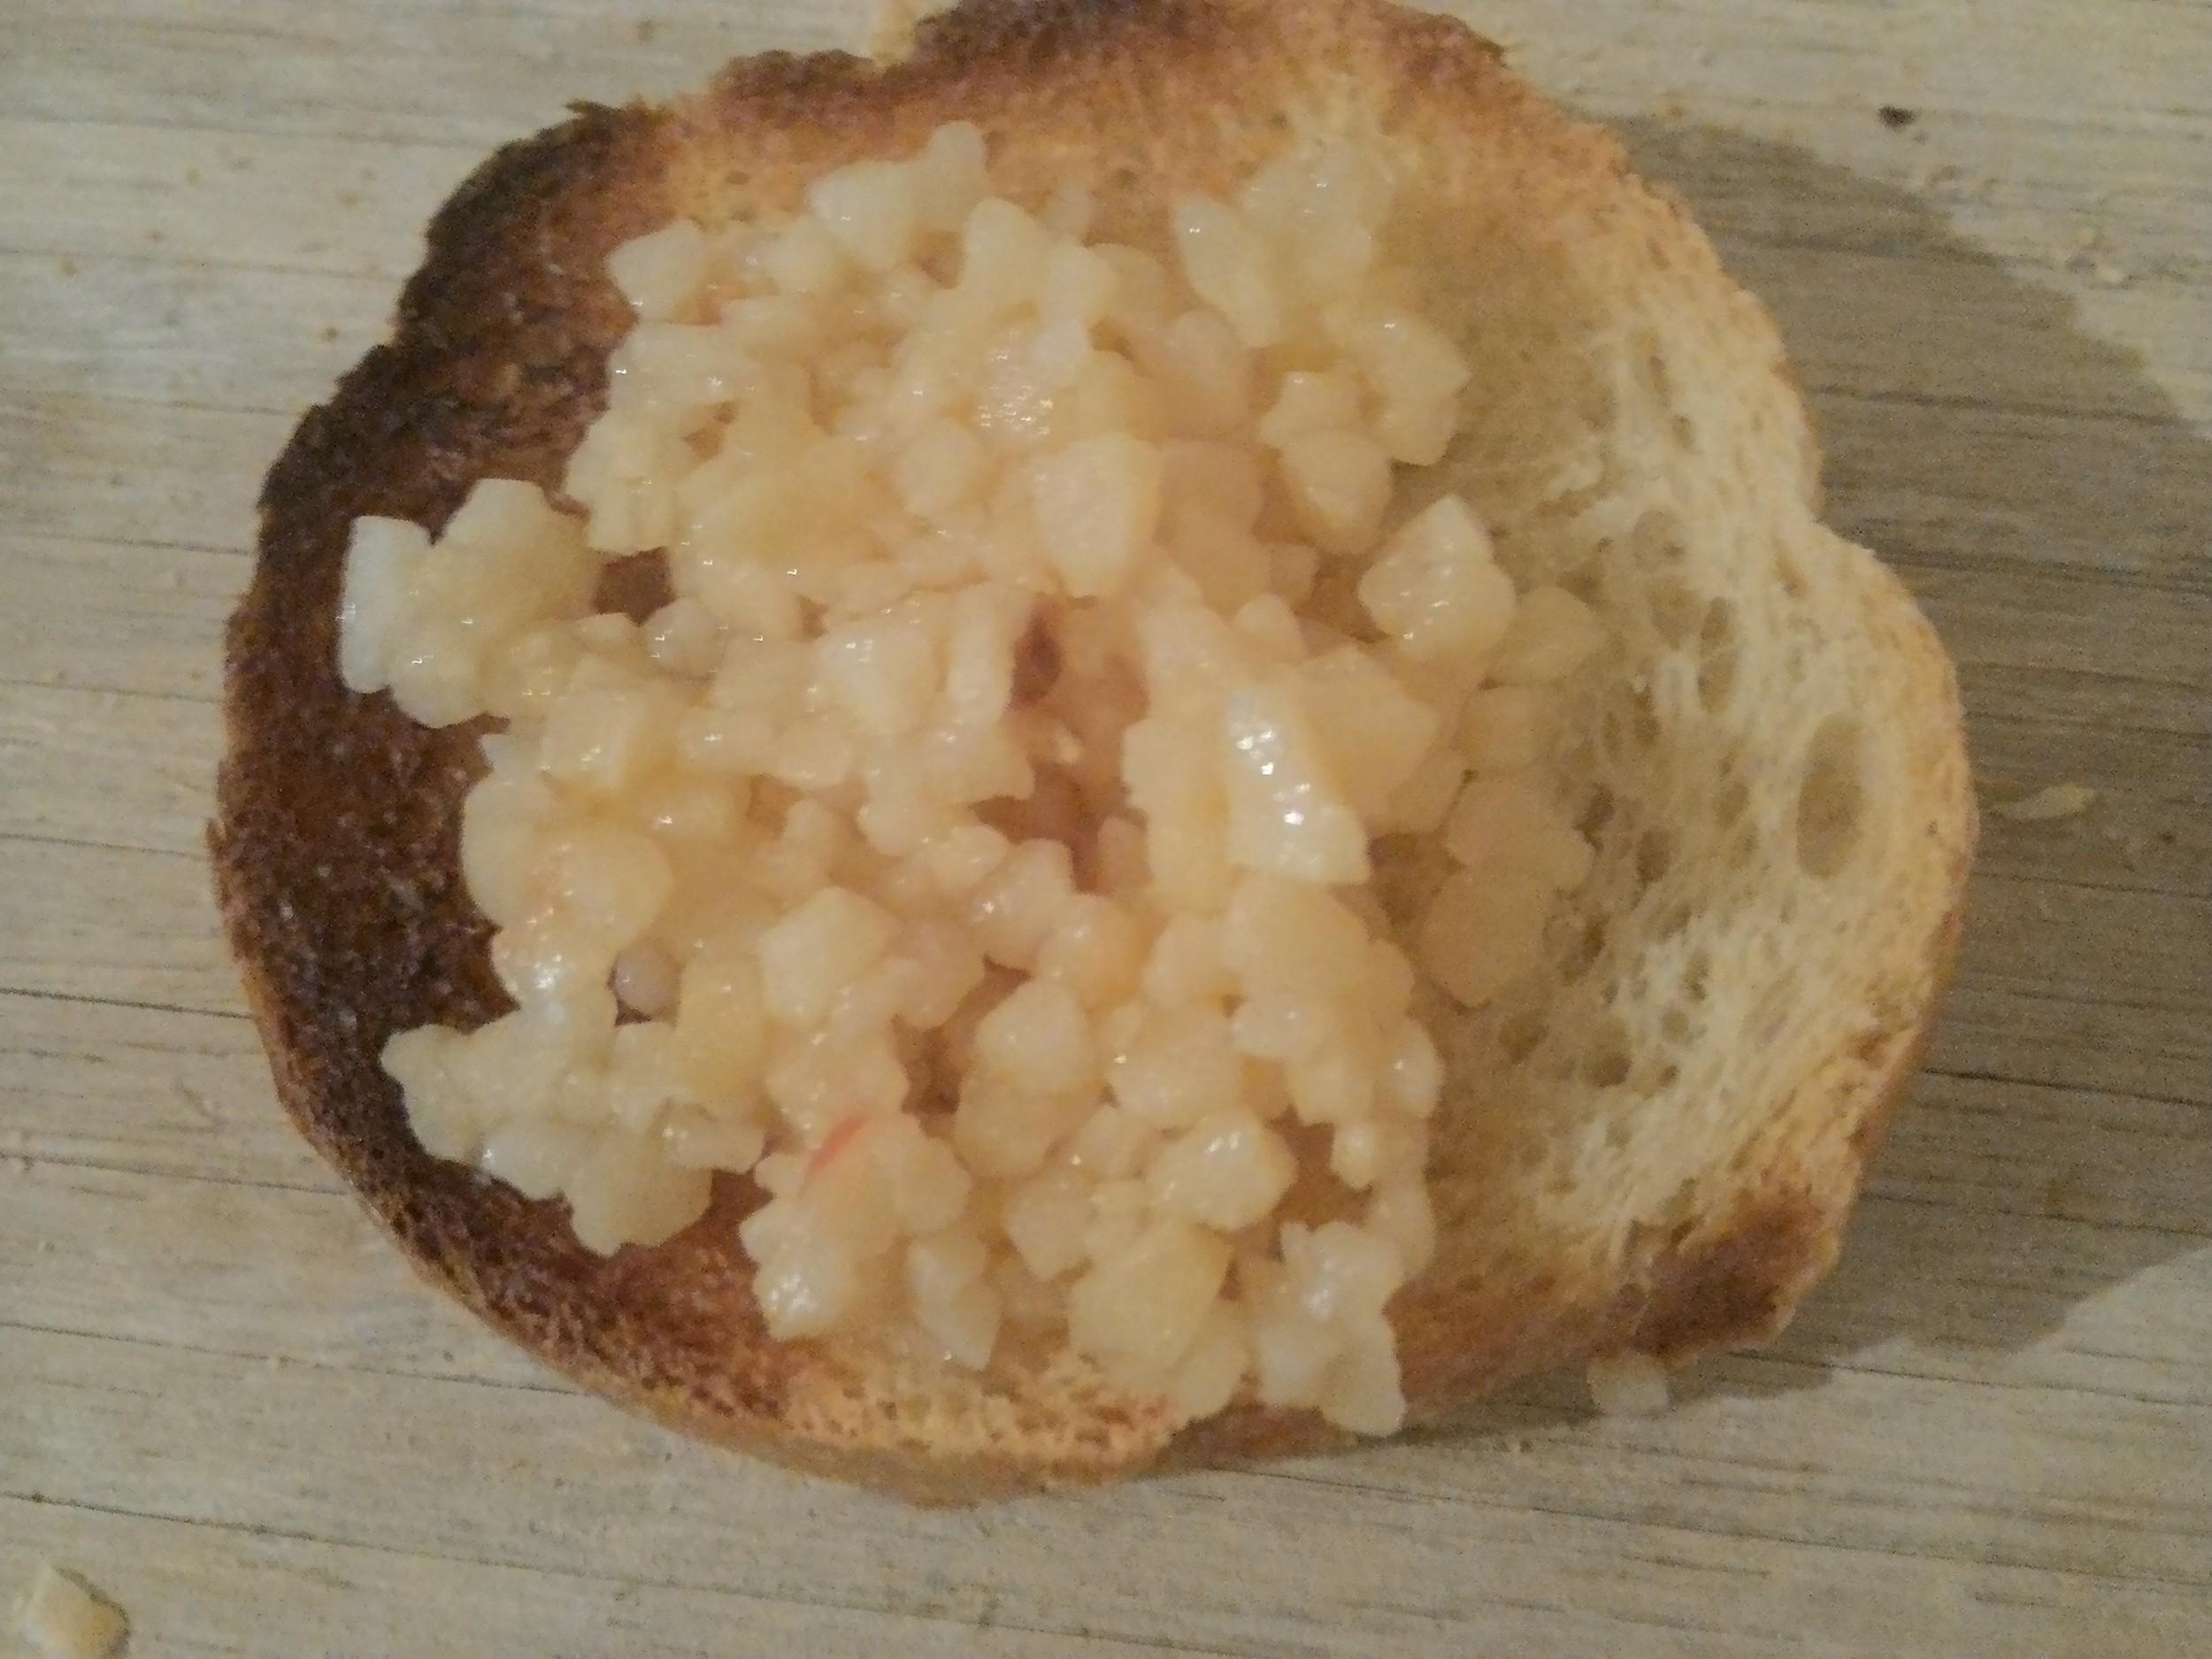 Step 2: Minced garlic